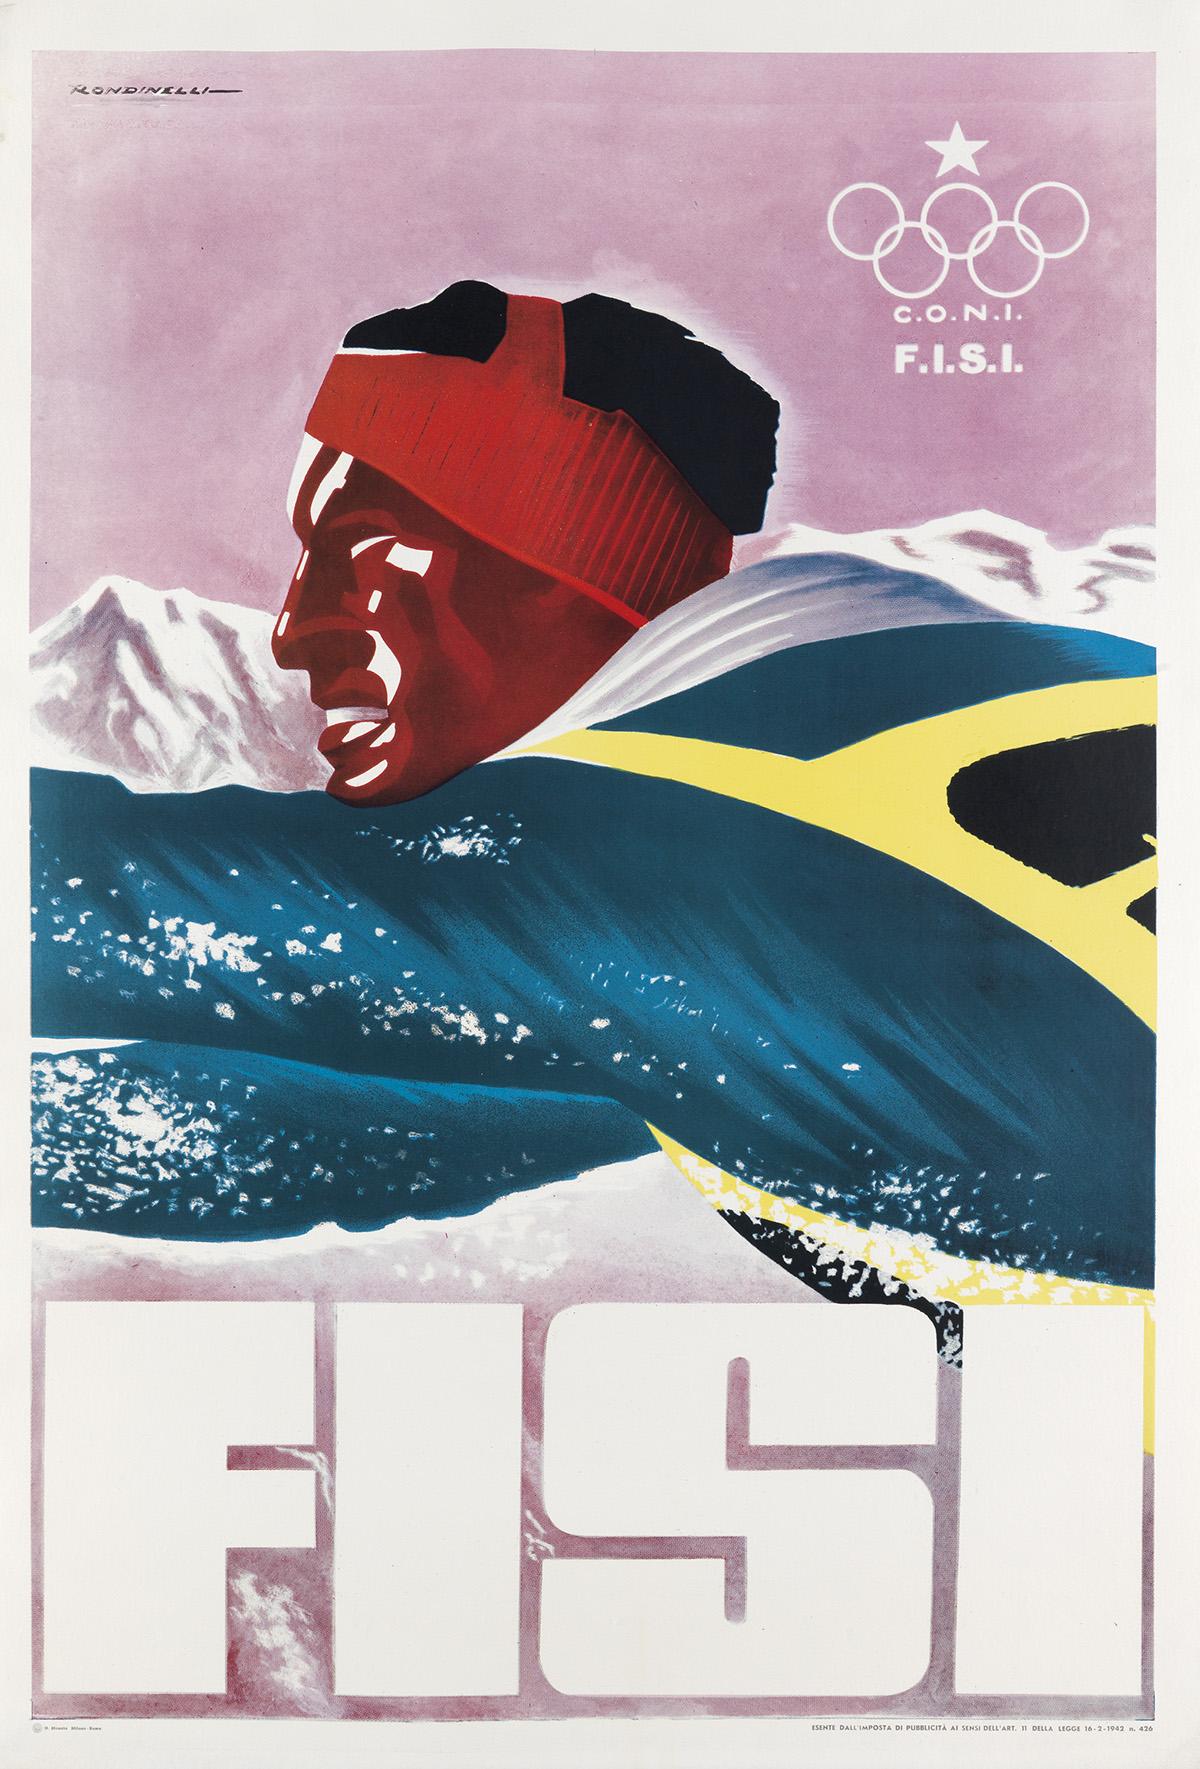 FRANCO-RONDINELLI-(DATES-UNKNOWN)-FISI-1942-40x27-inches-101x70-cm-N-Moneta-Milan